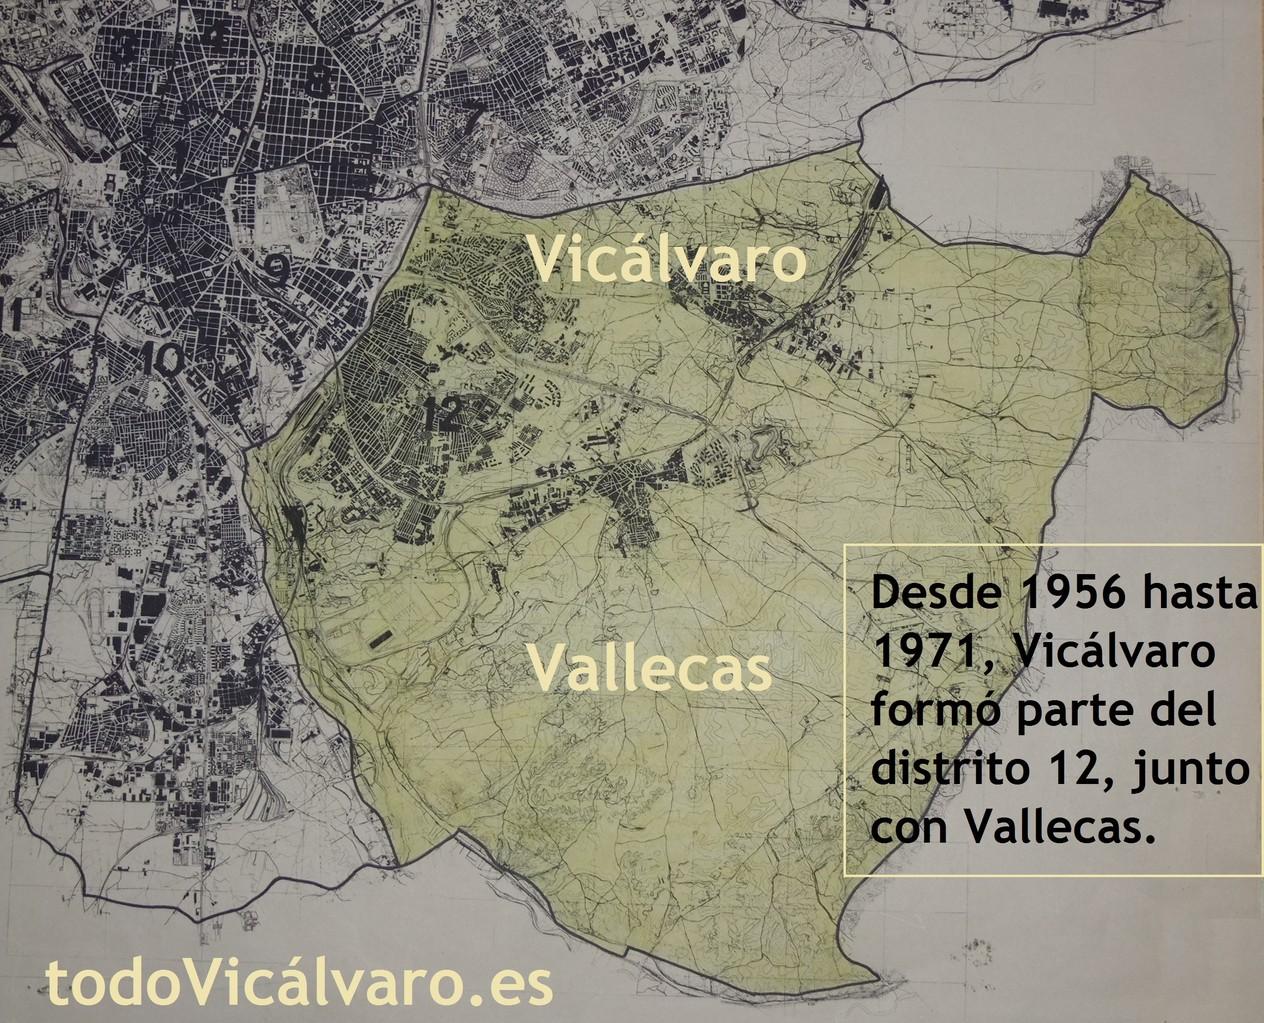 Desde 1956, Vicálvaro fue incluido en el distrito de Vallecas